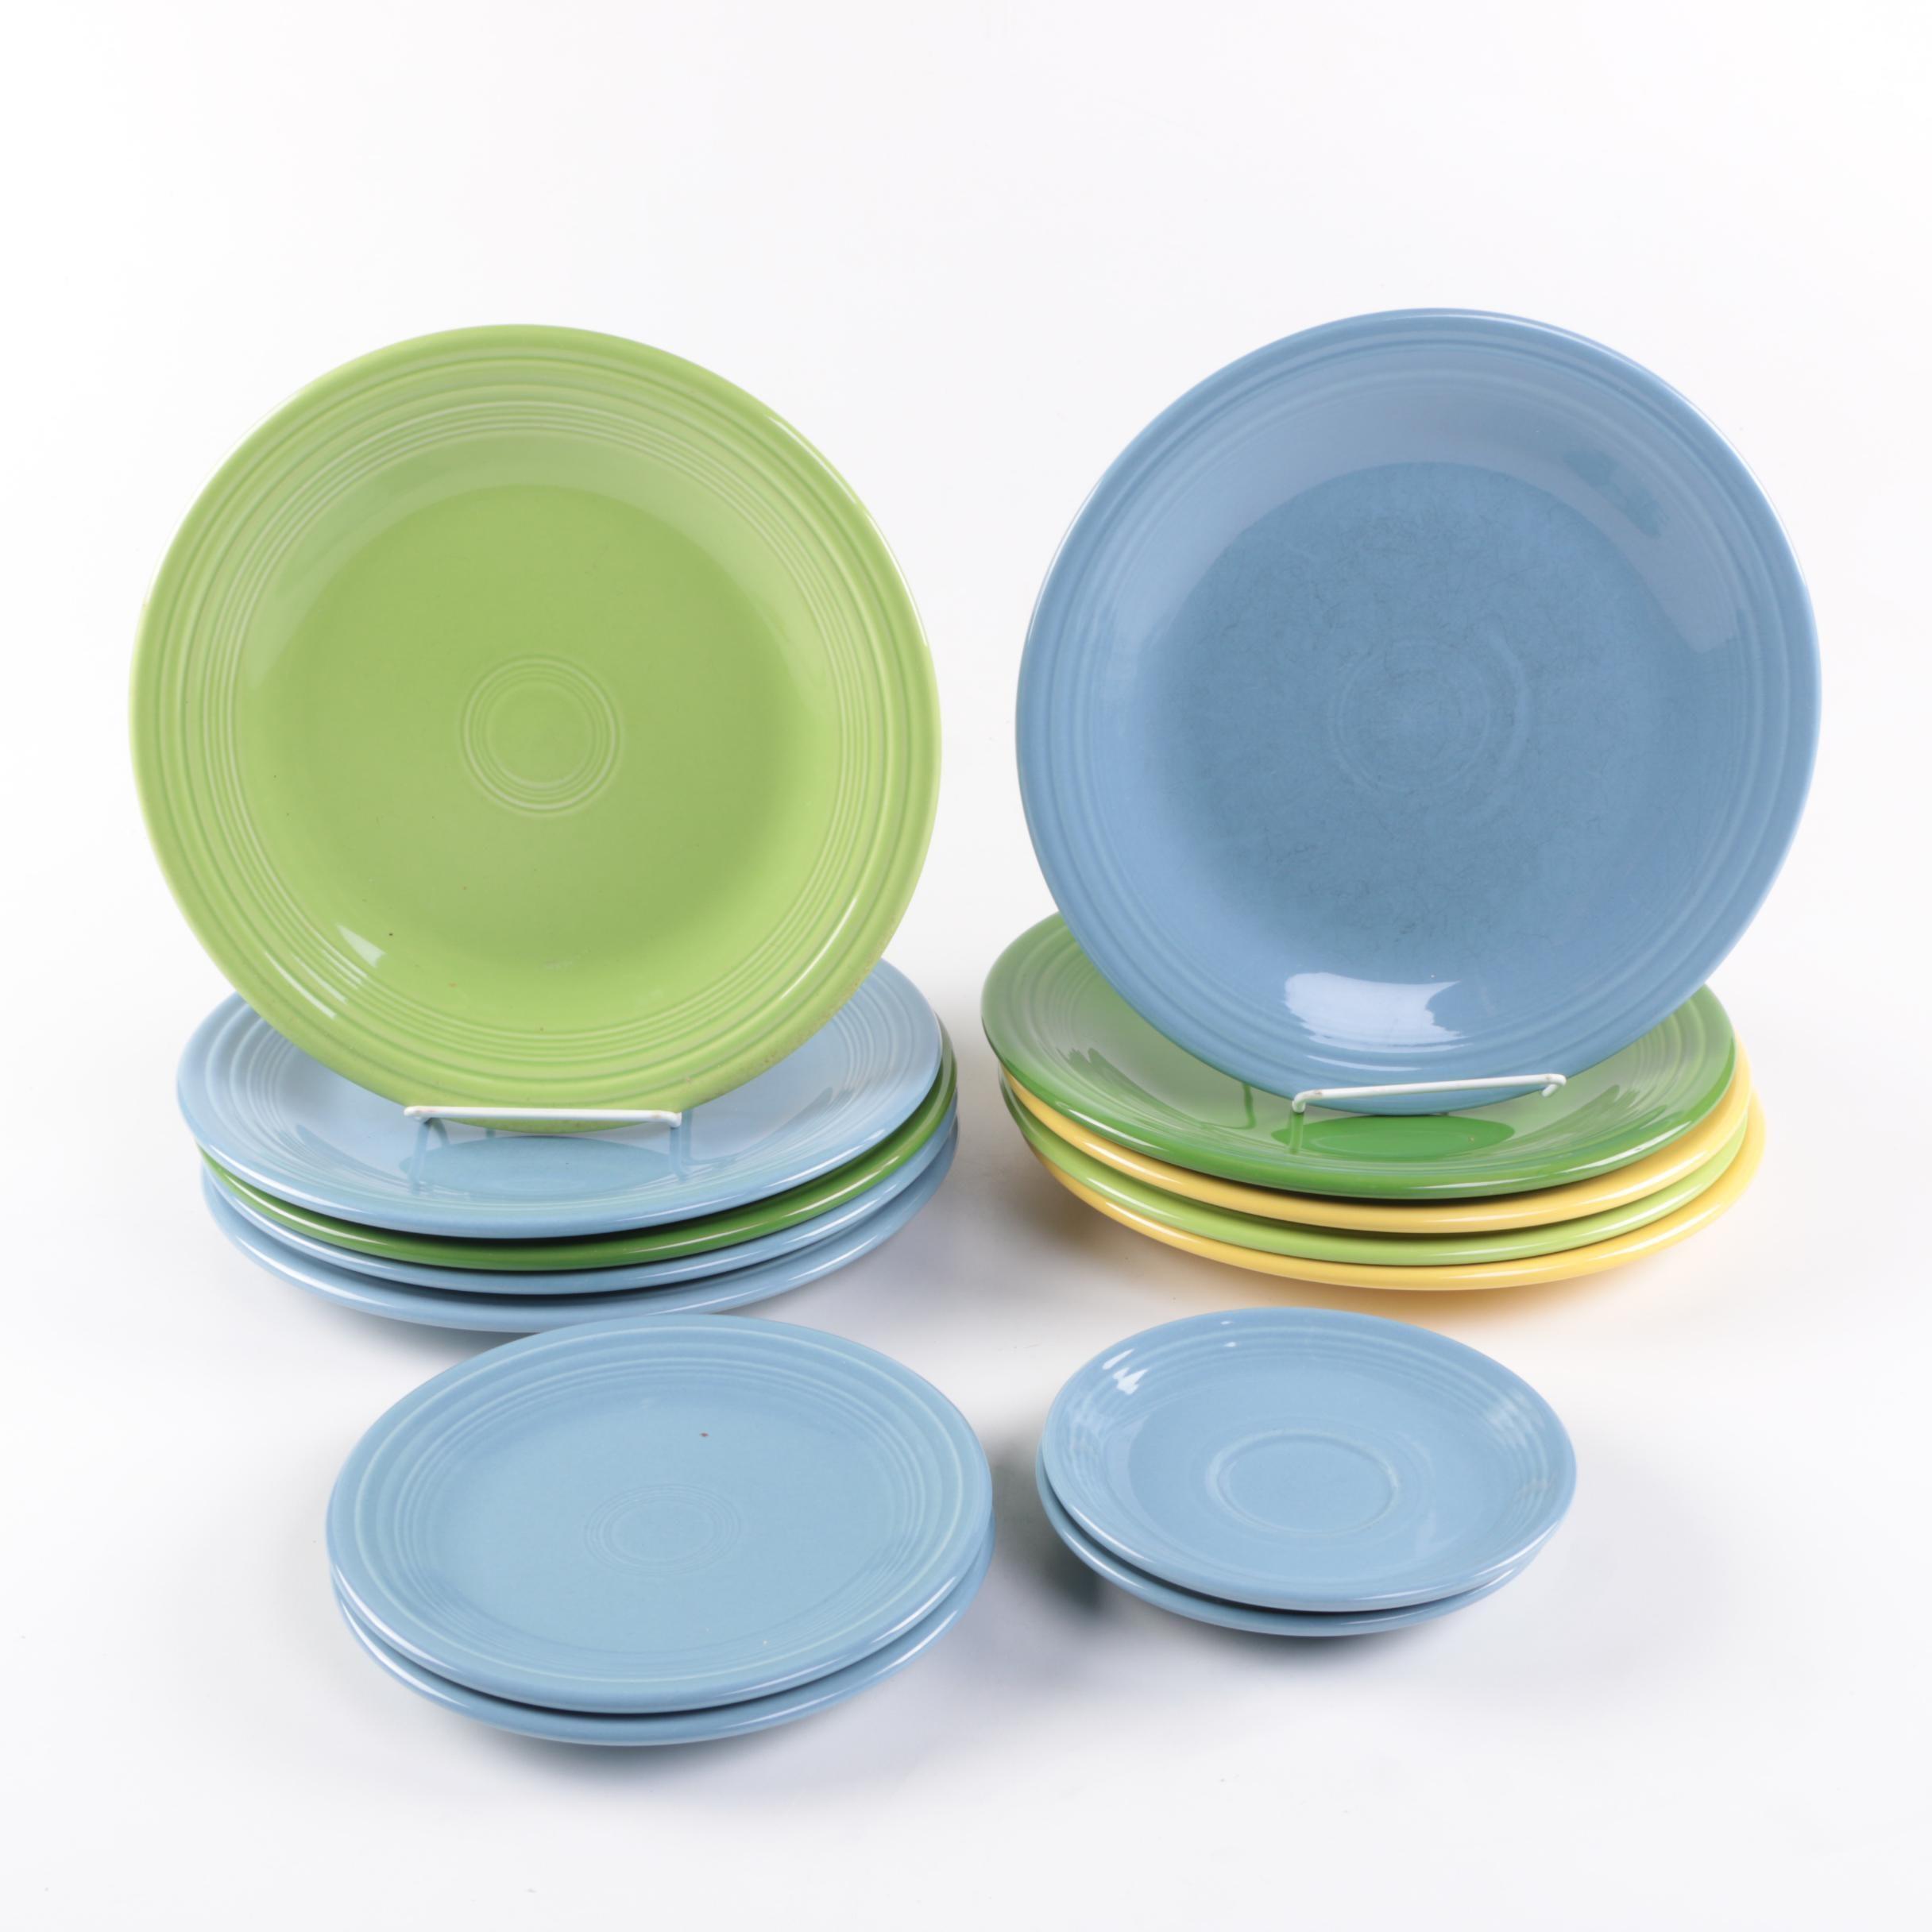 Fiesta Ware Ceramic Tableware